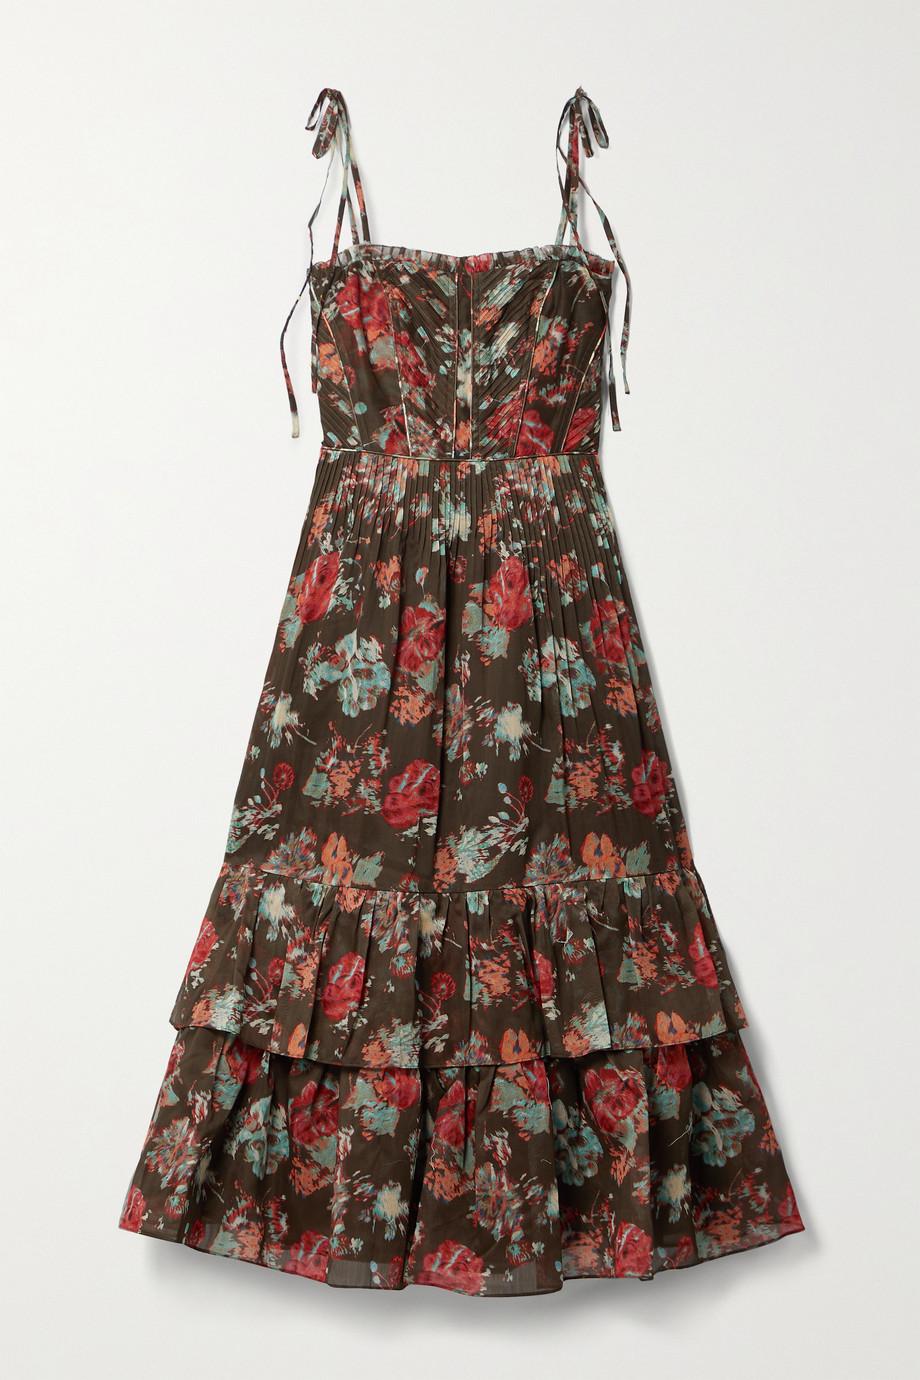 Ulla Johnson Robe midi en coton et soie mélangés à plis, imprimé fleuri et volants Loraine